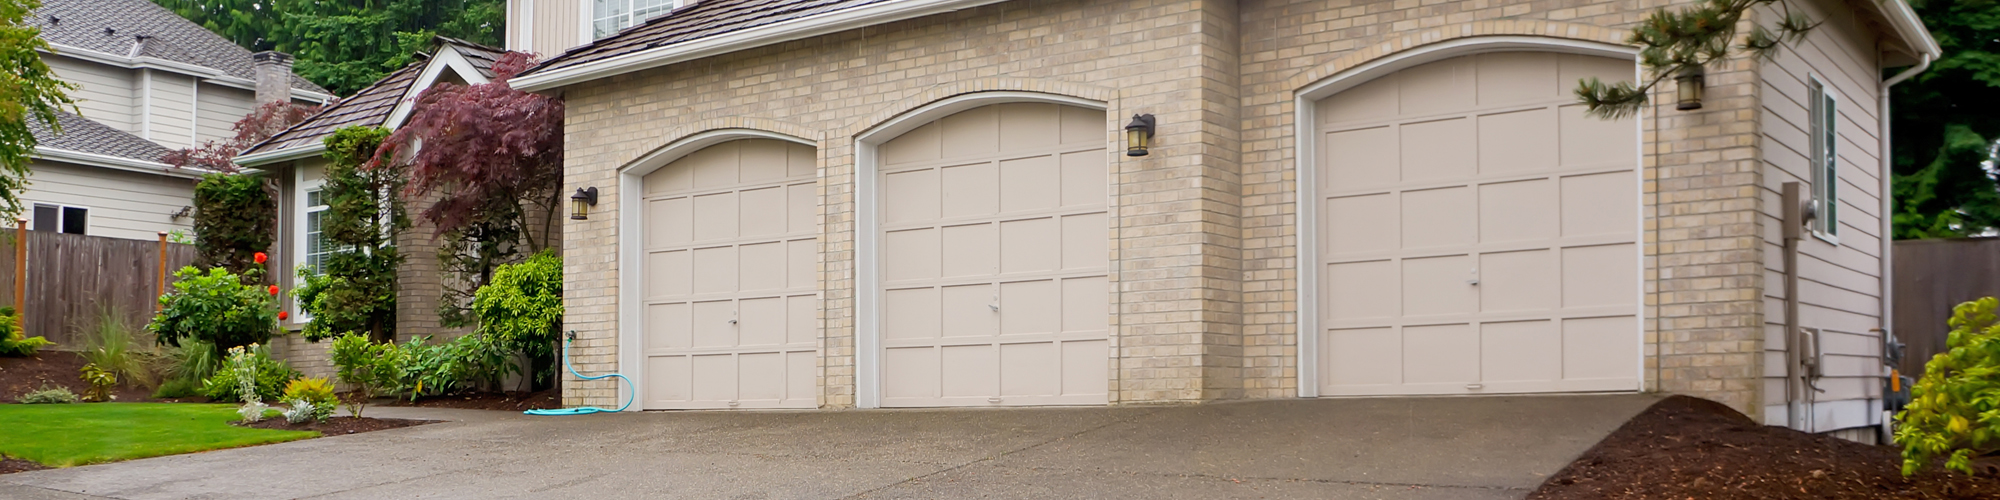 garage door repair pittsburghGarage Sensor Repair in Pittsburgh PA  Discounts Available